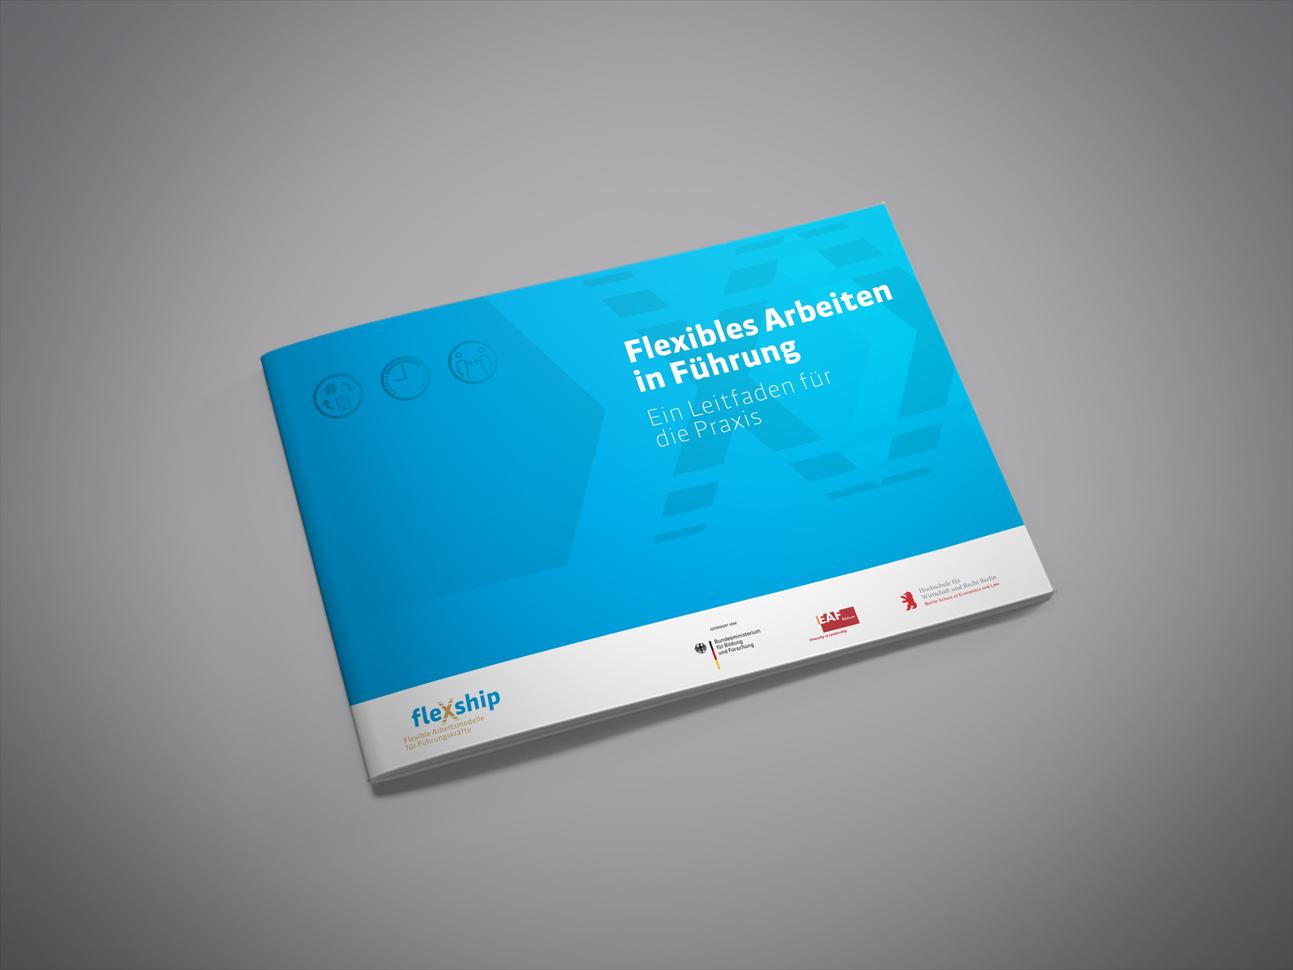 martin_zech_design_projekt_design_flexship_praxisleitfaden_titel